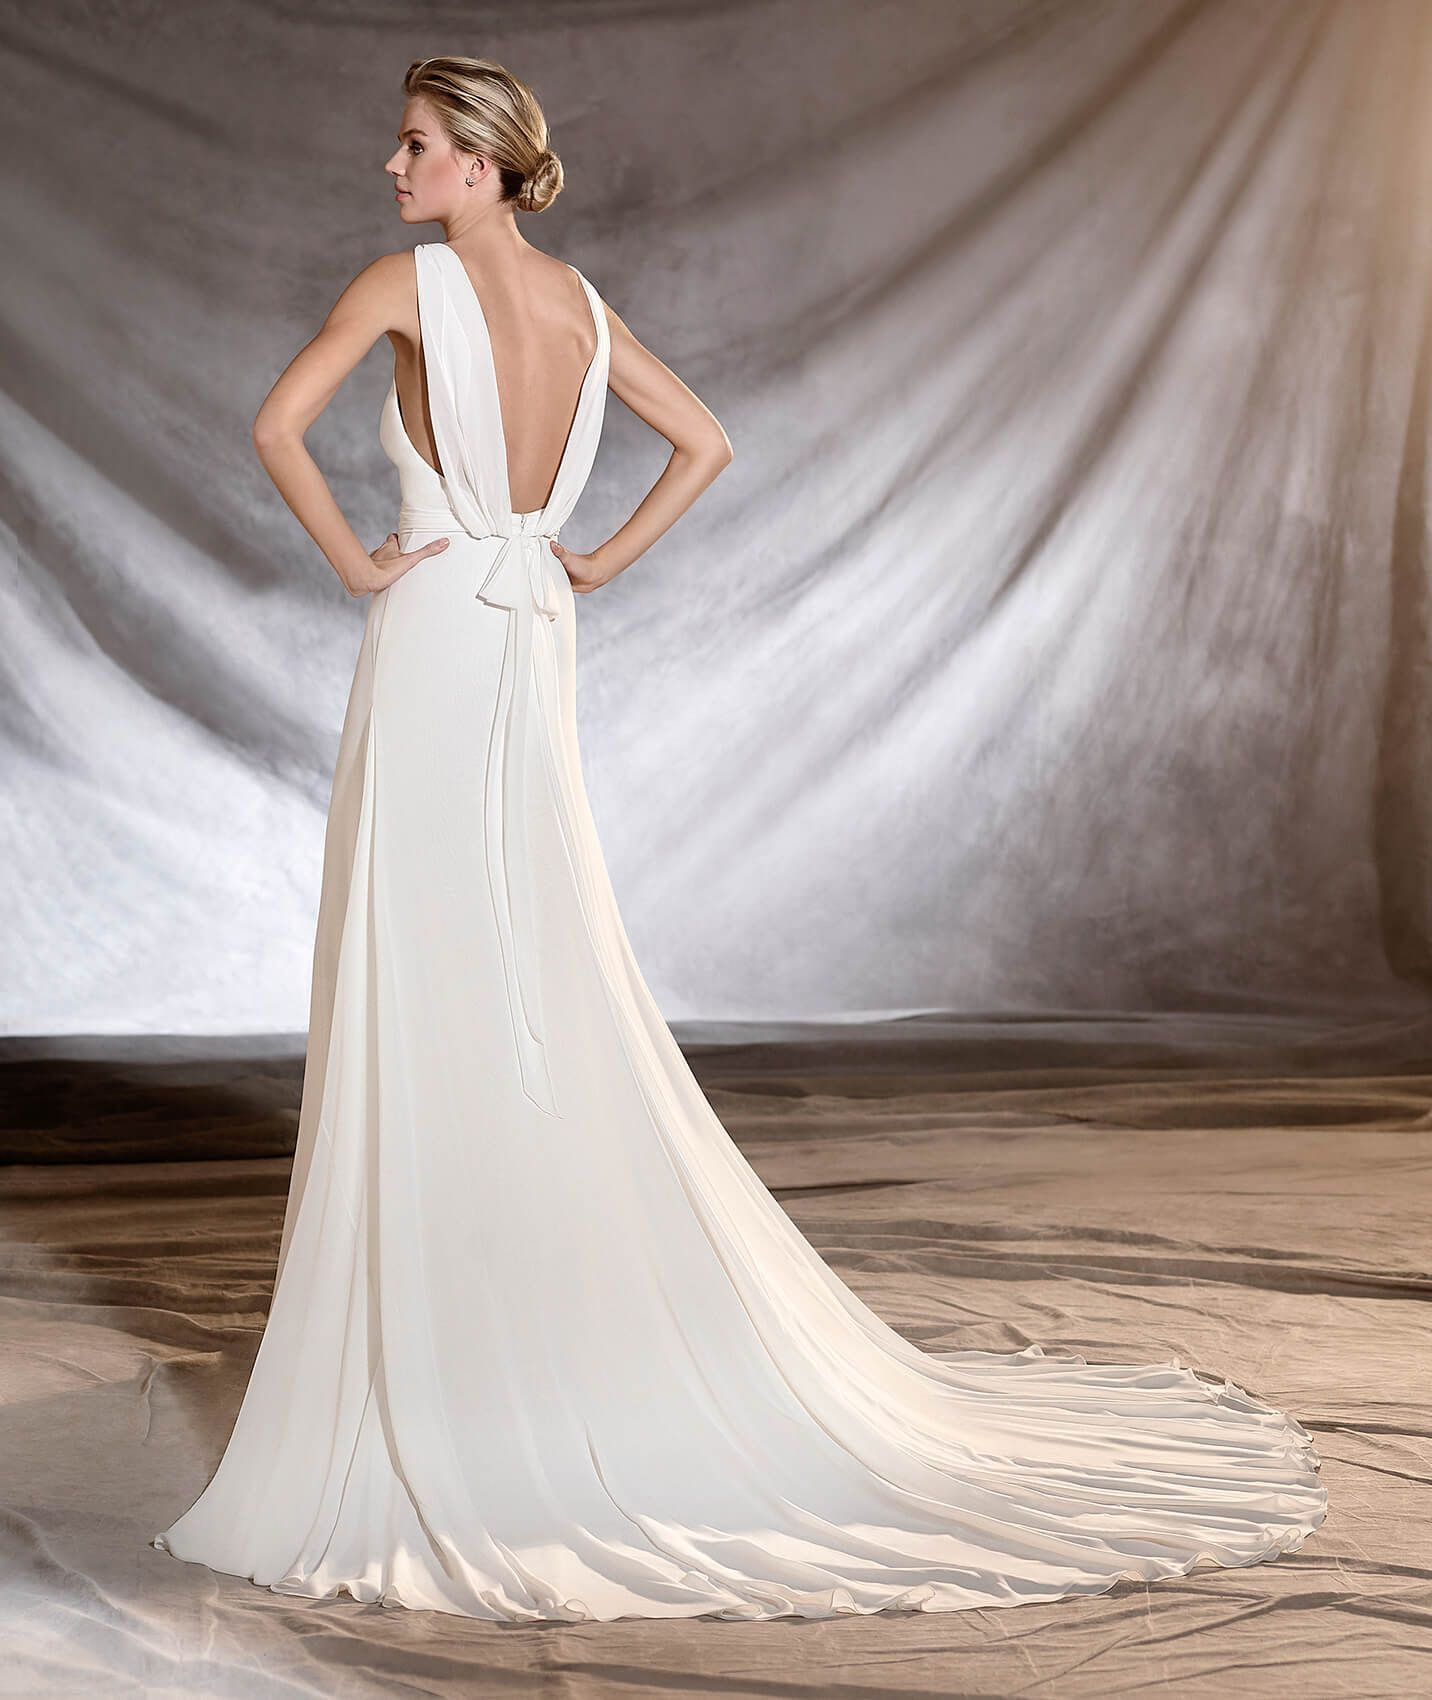 Oslo vestido de novia de gasa y talle bajo wedding dresses